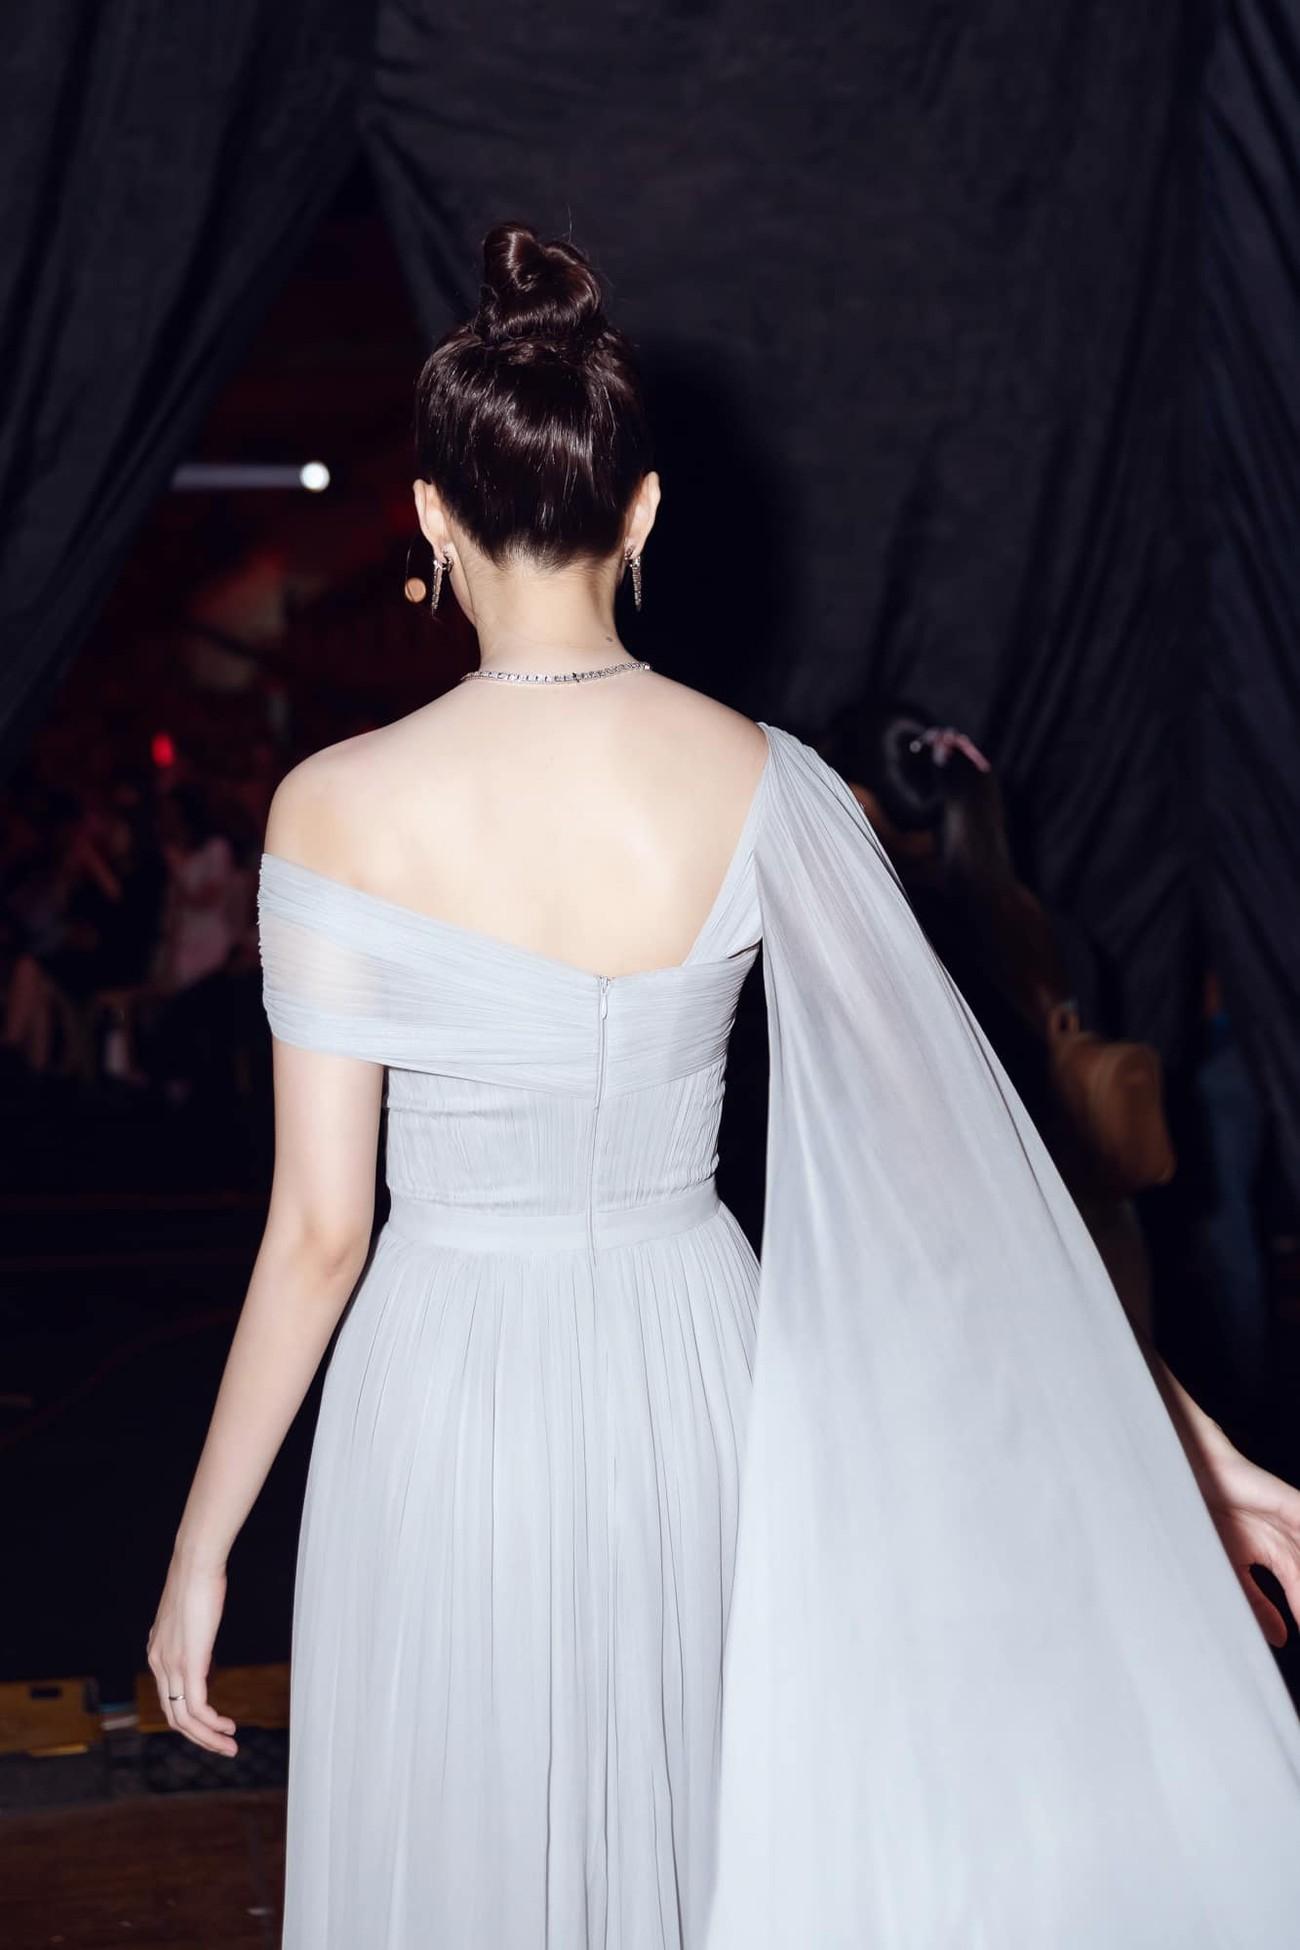 Sắc vóc Hoa hậu Đặng Thu Thảo sau 8 năm đăng quang, làm mẹ 2 con vẫn gây ngưỡng mộ ảnh 7